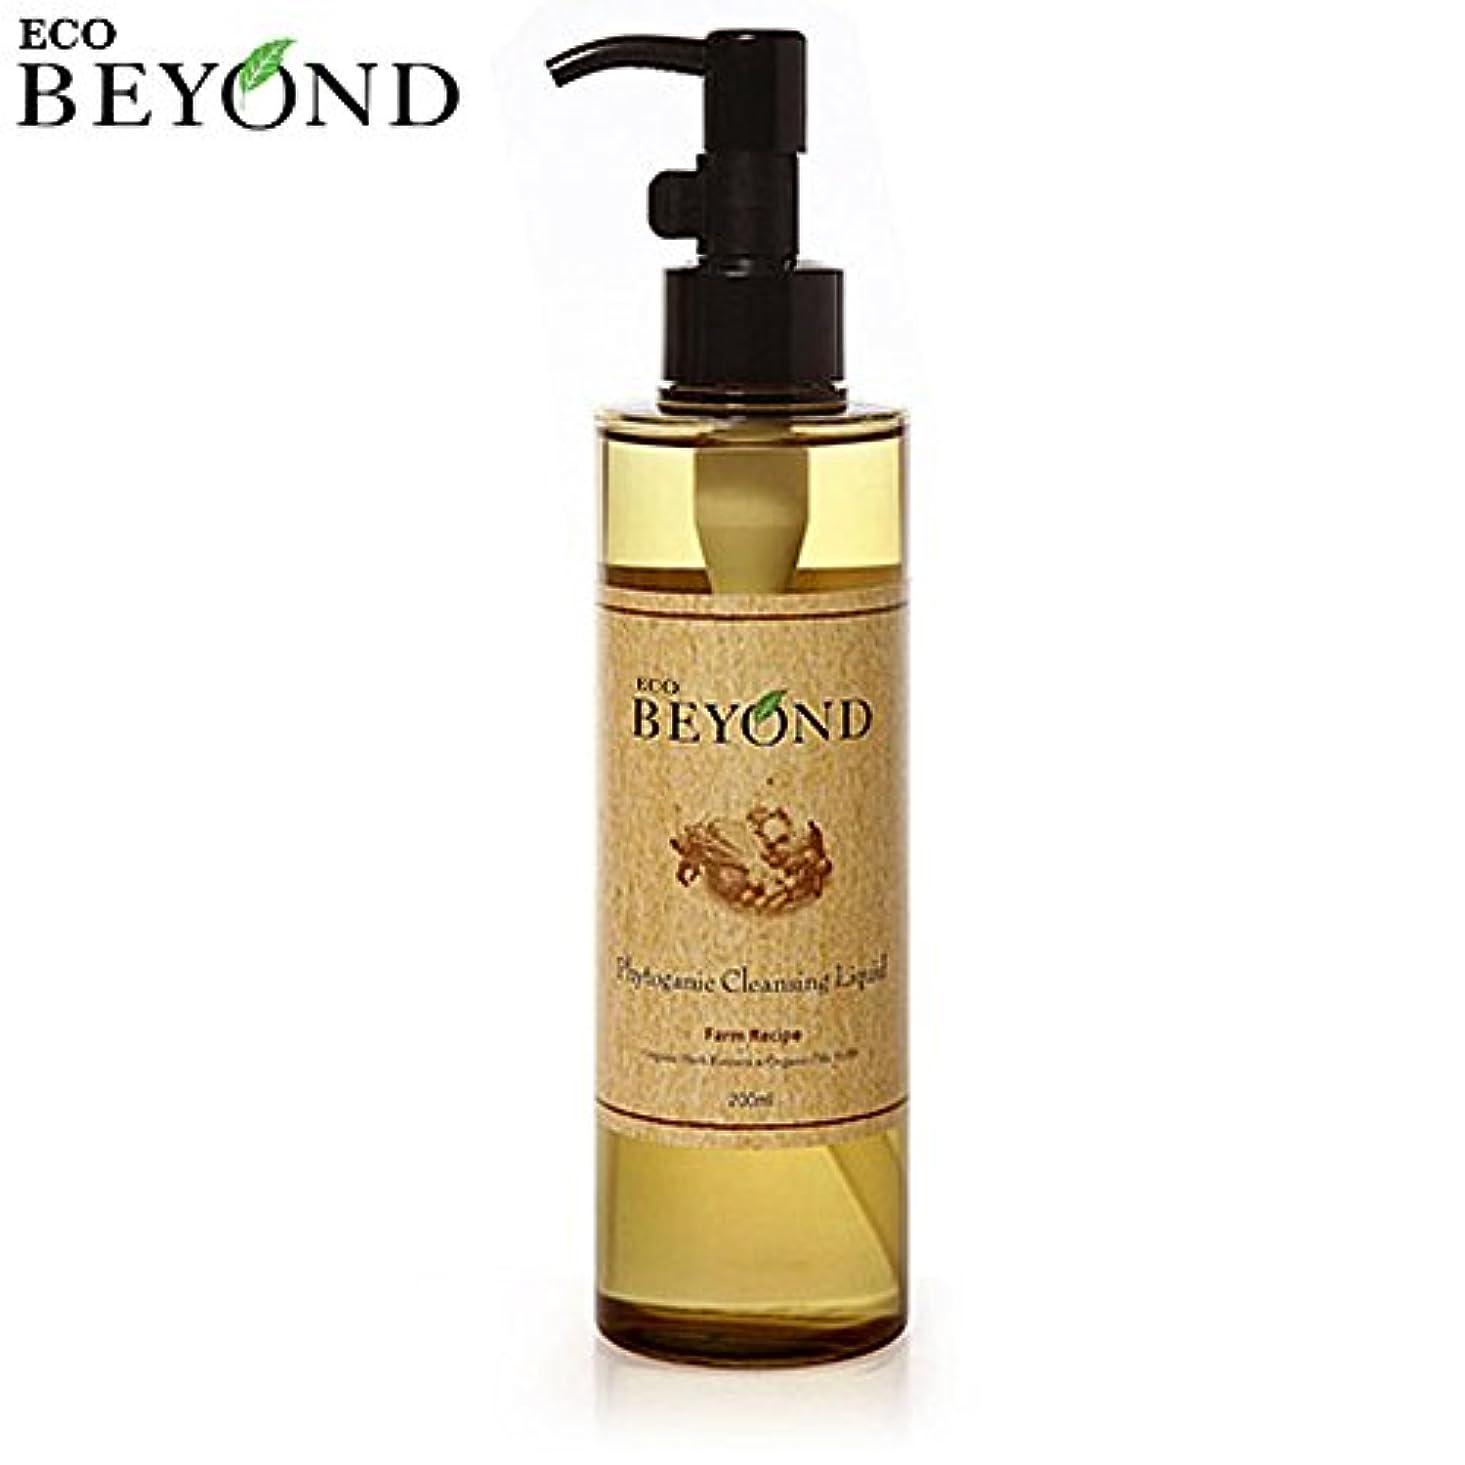 エンドテーブル文法言語[ビヨンド] BEYOND [フィトガニック クレンジング リキッド 200ml] Phytoganic Cleansing Liquid 200ml [海外直送品]